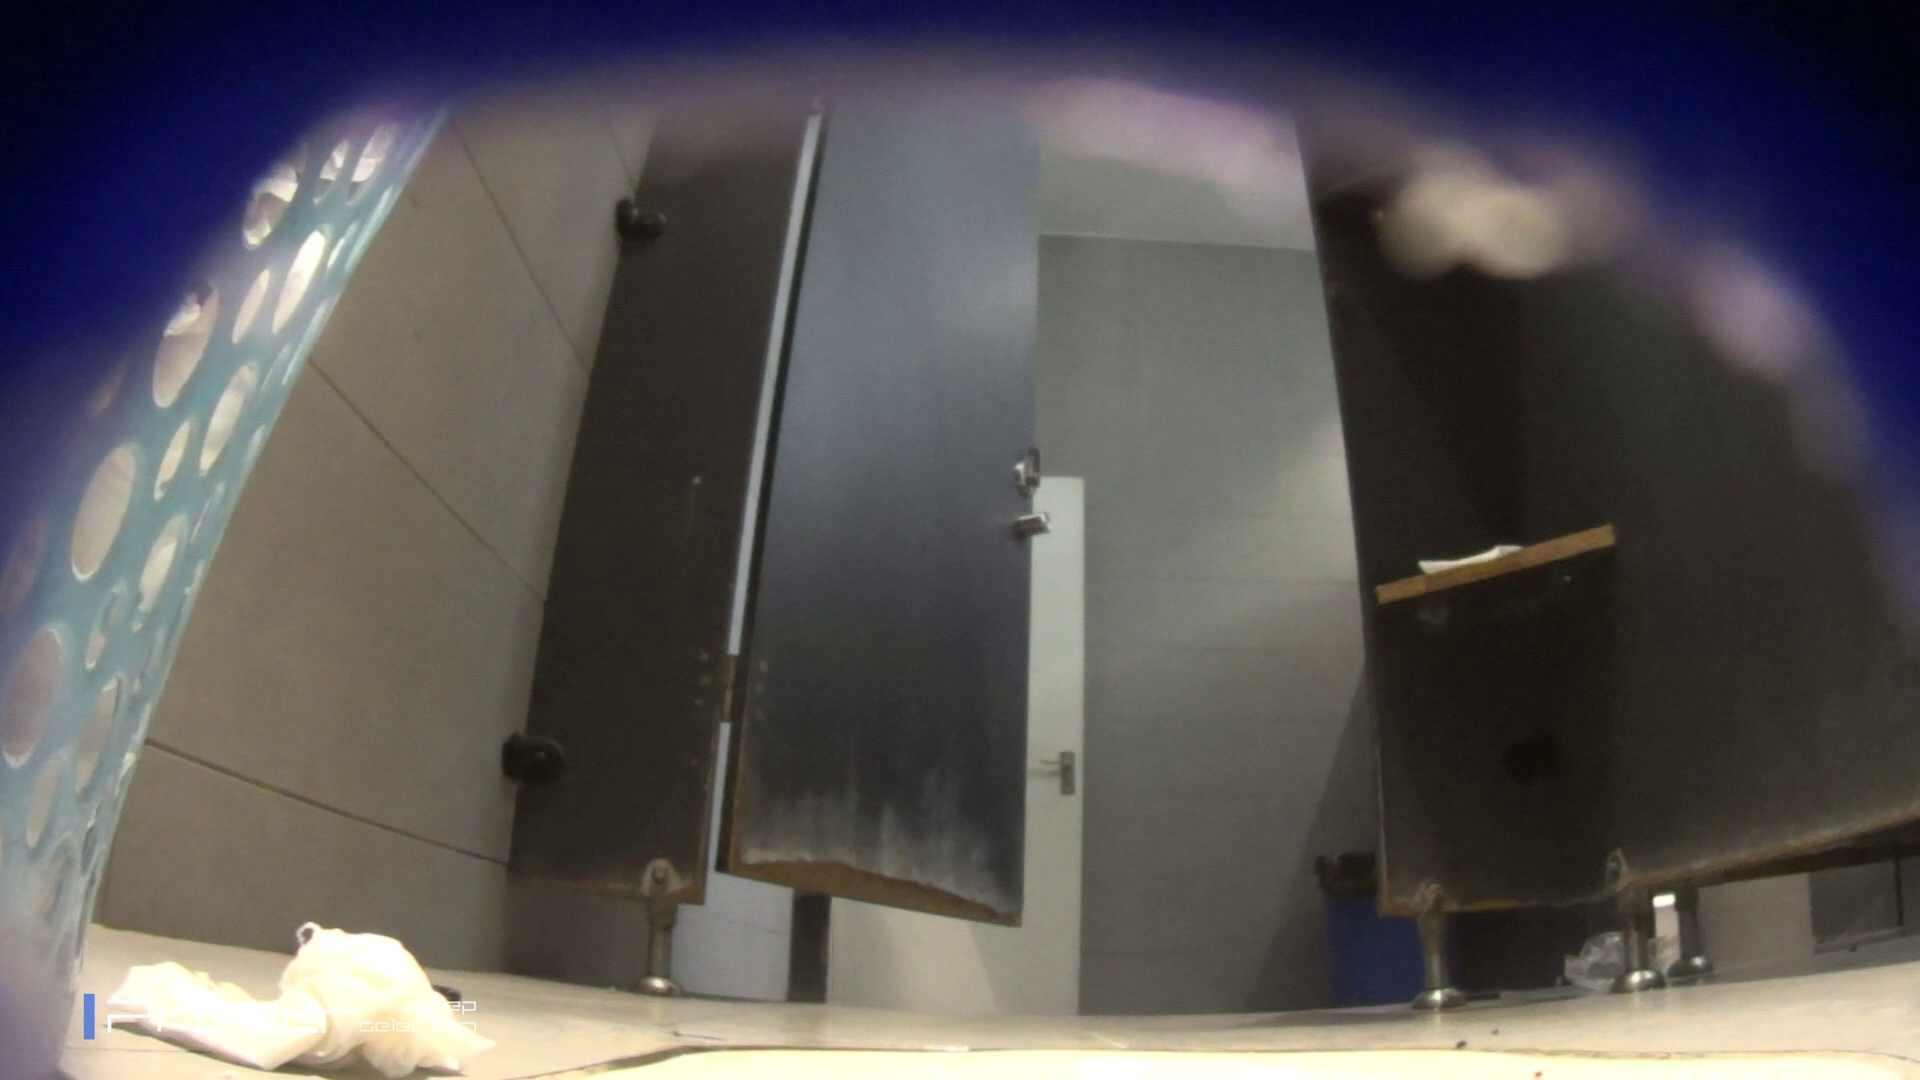 ポッチャリ好きは必見!大学休憩時間の洗面所事情66 洗面所 アダルト動画キャプチャ 88連発 70